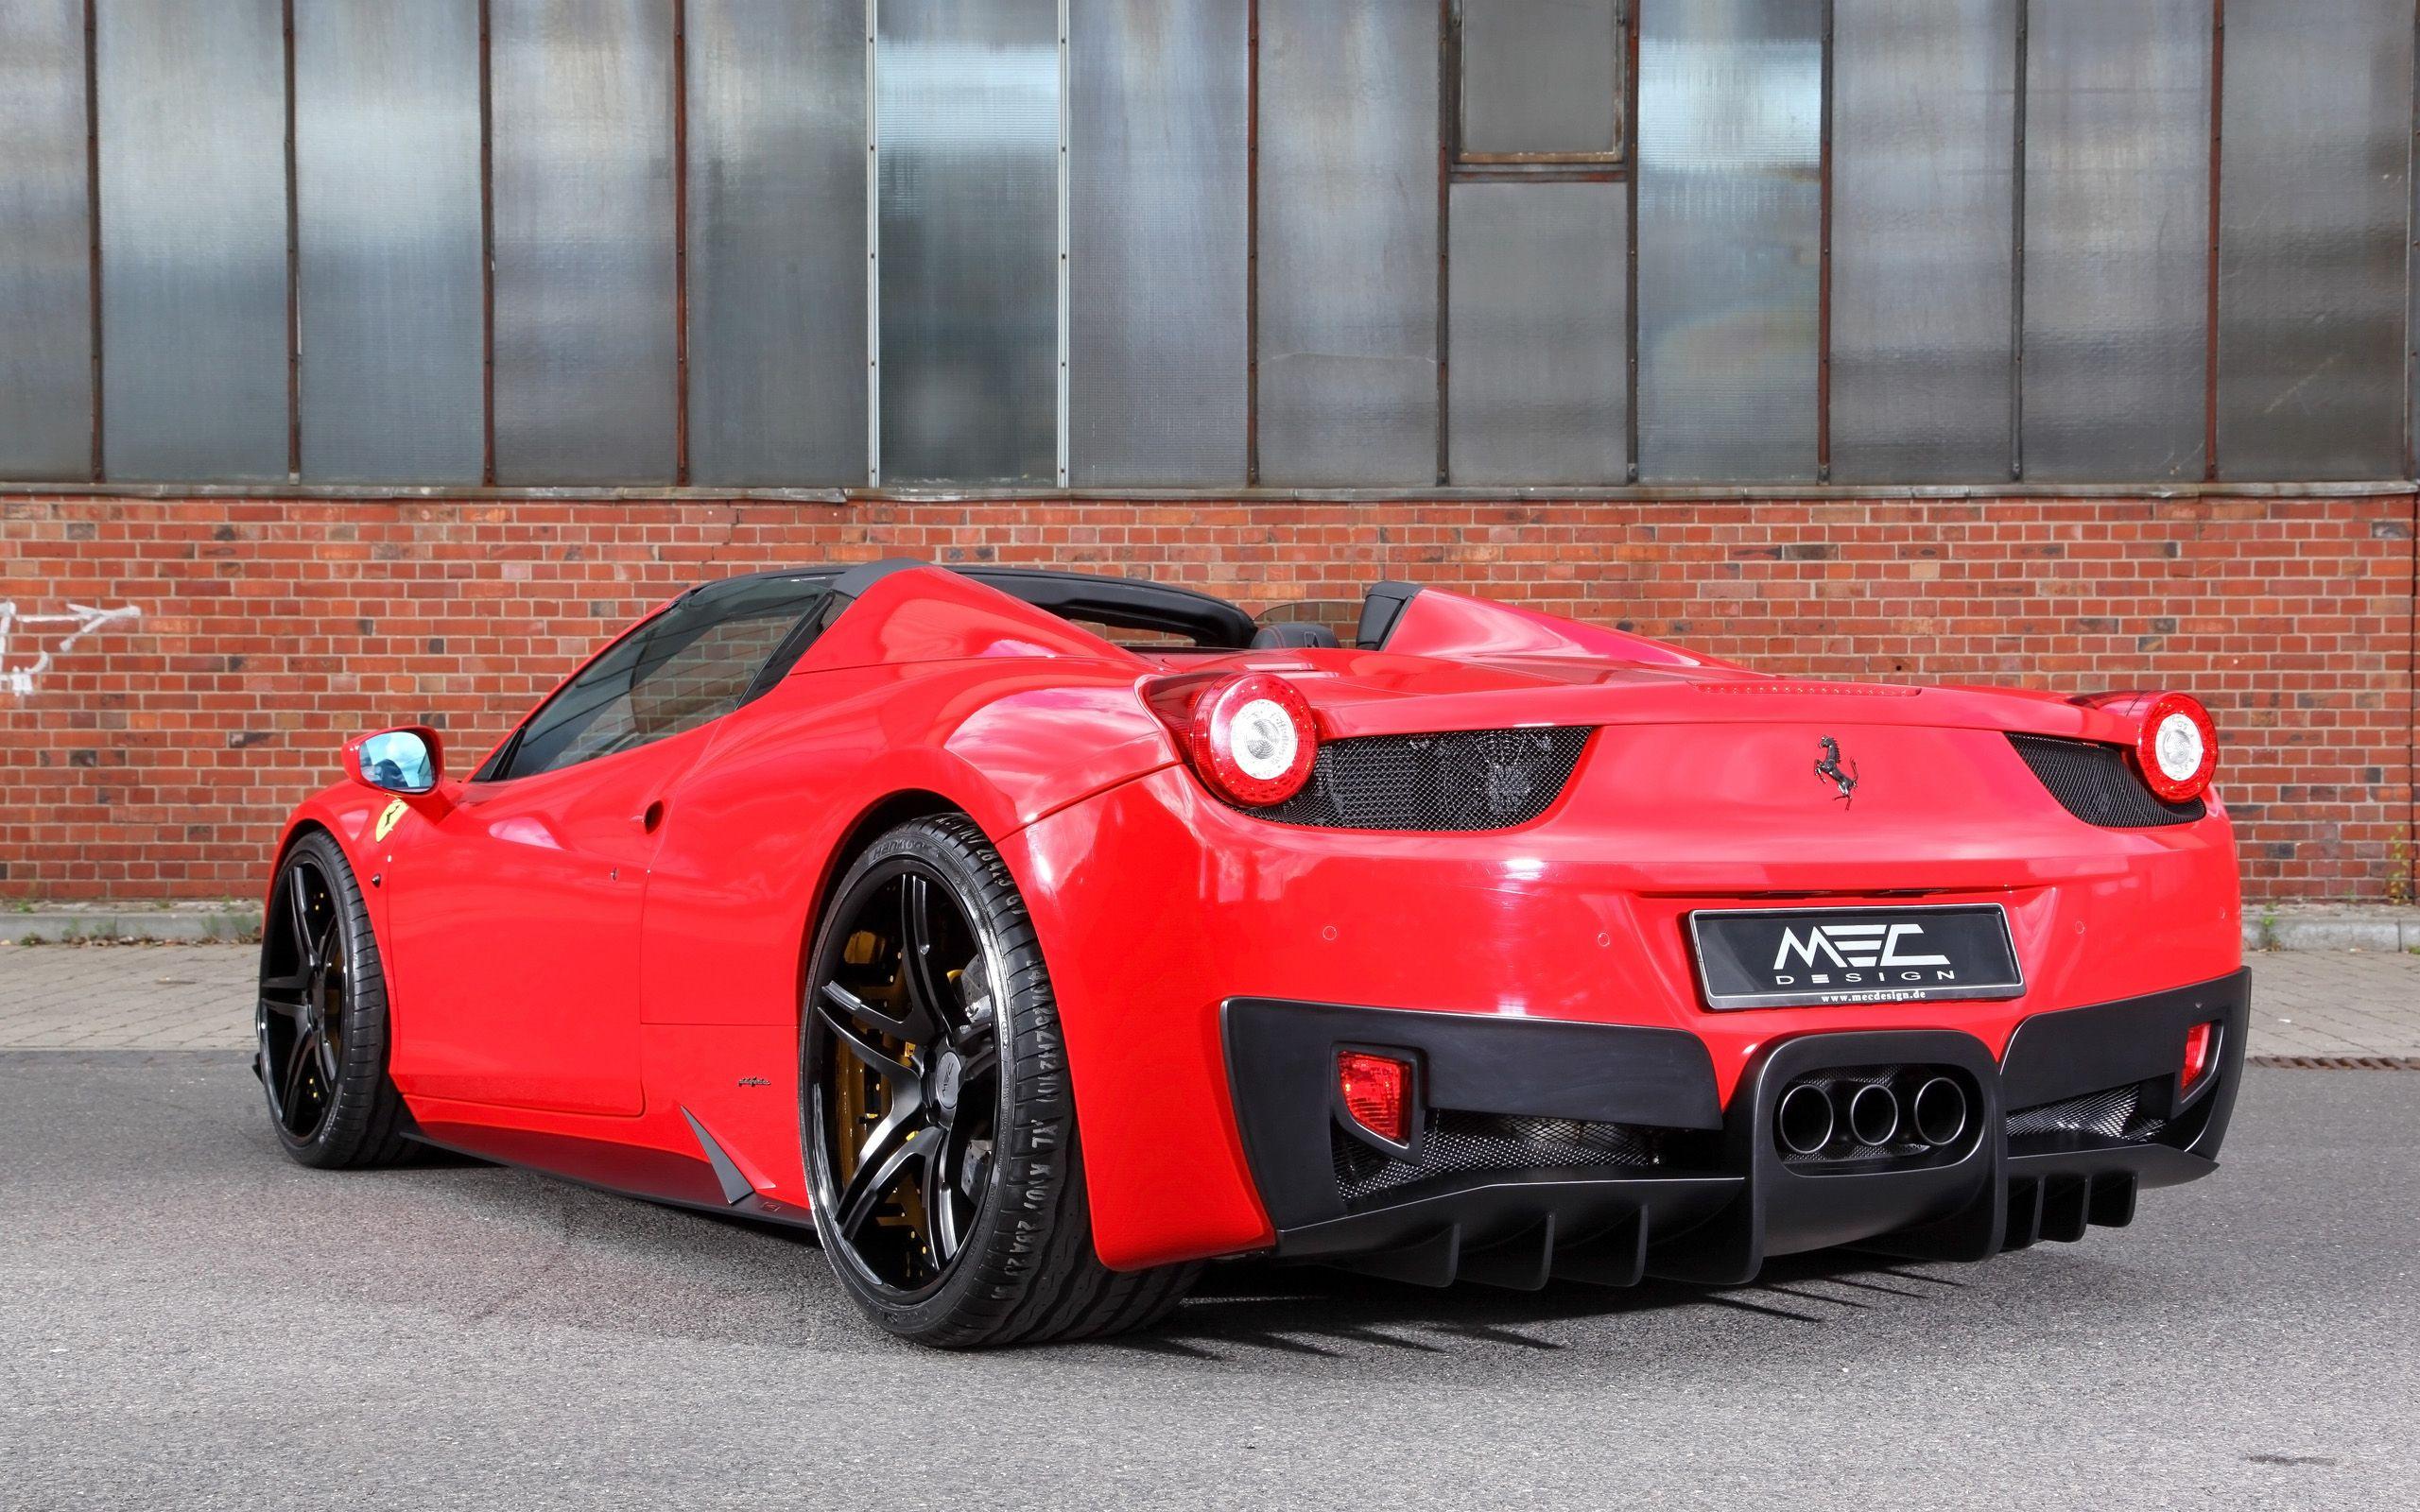 2014 mec design ferrari 458 spider static 11 hankook tire ventus s1 rh pinterest com